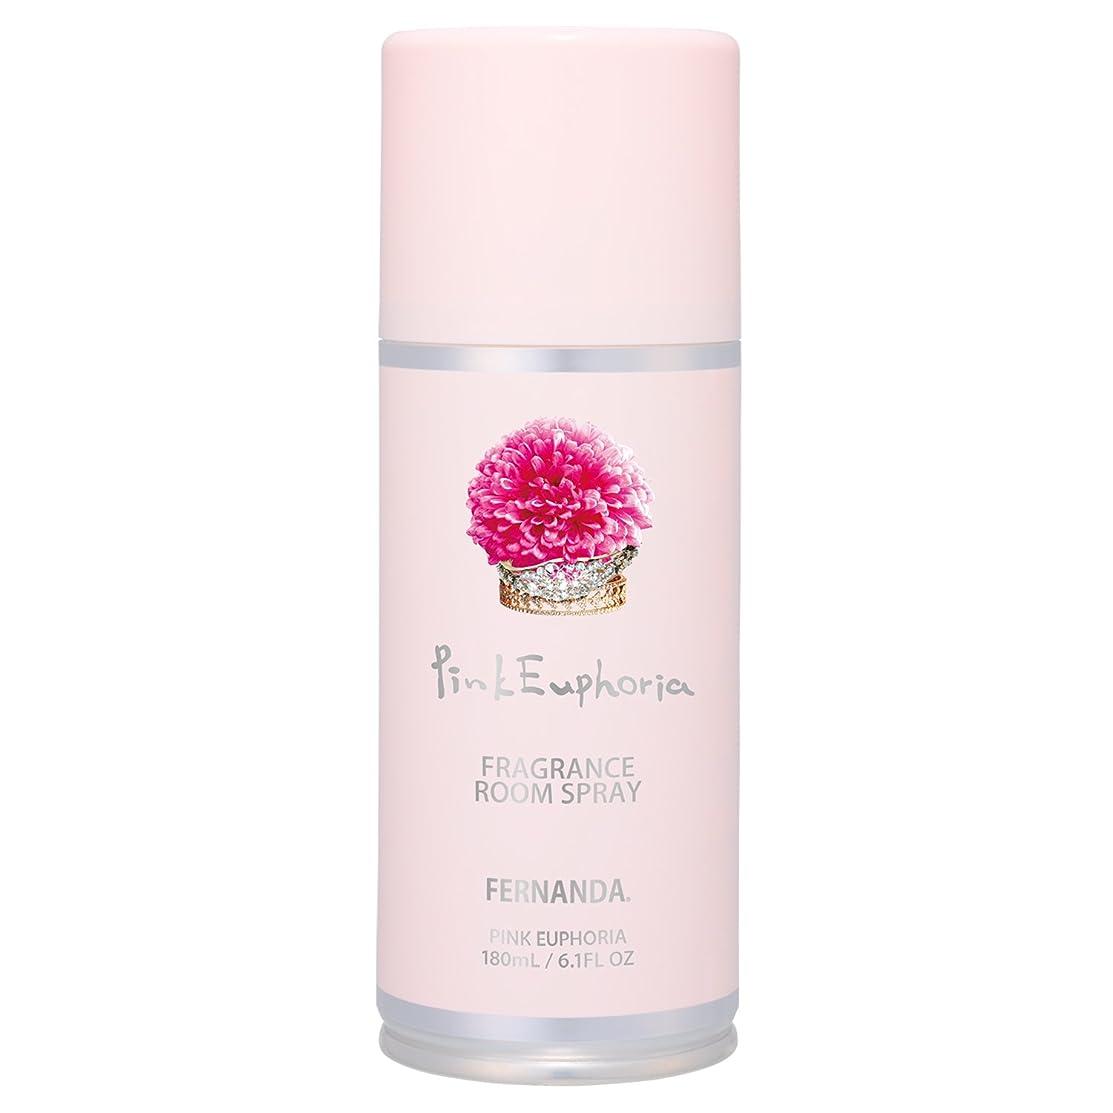 知らせるアレルギー性テキストFERNANDA(フェルナンダ) Room Spray Pink Euphoria(ルームスプレー ピンクエウフォリア)